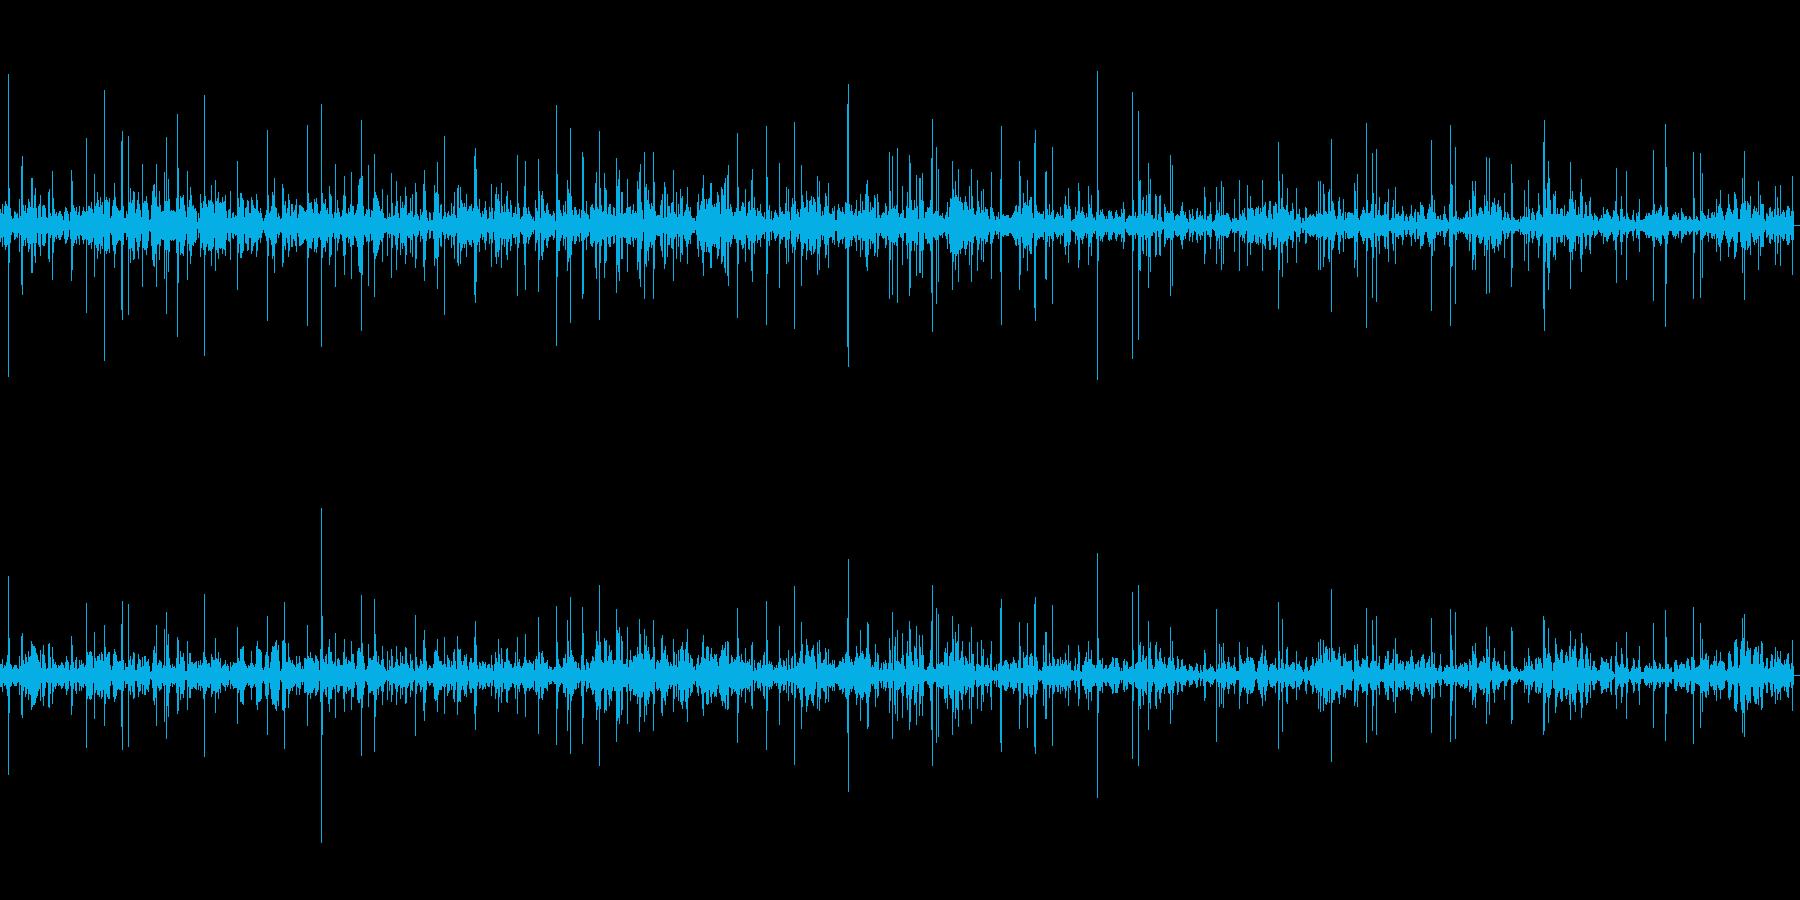 ボトボト(水が溜まっていく音)の再生済みの波形